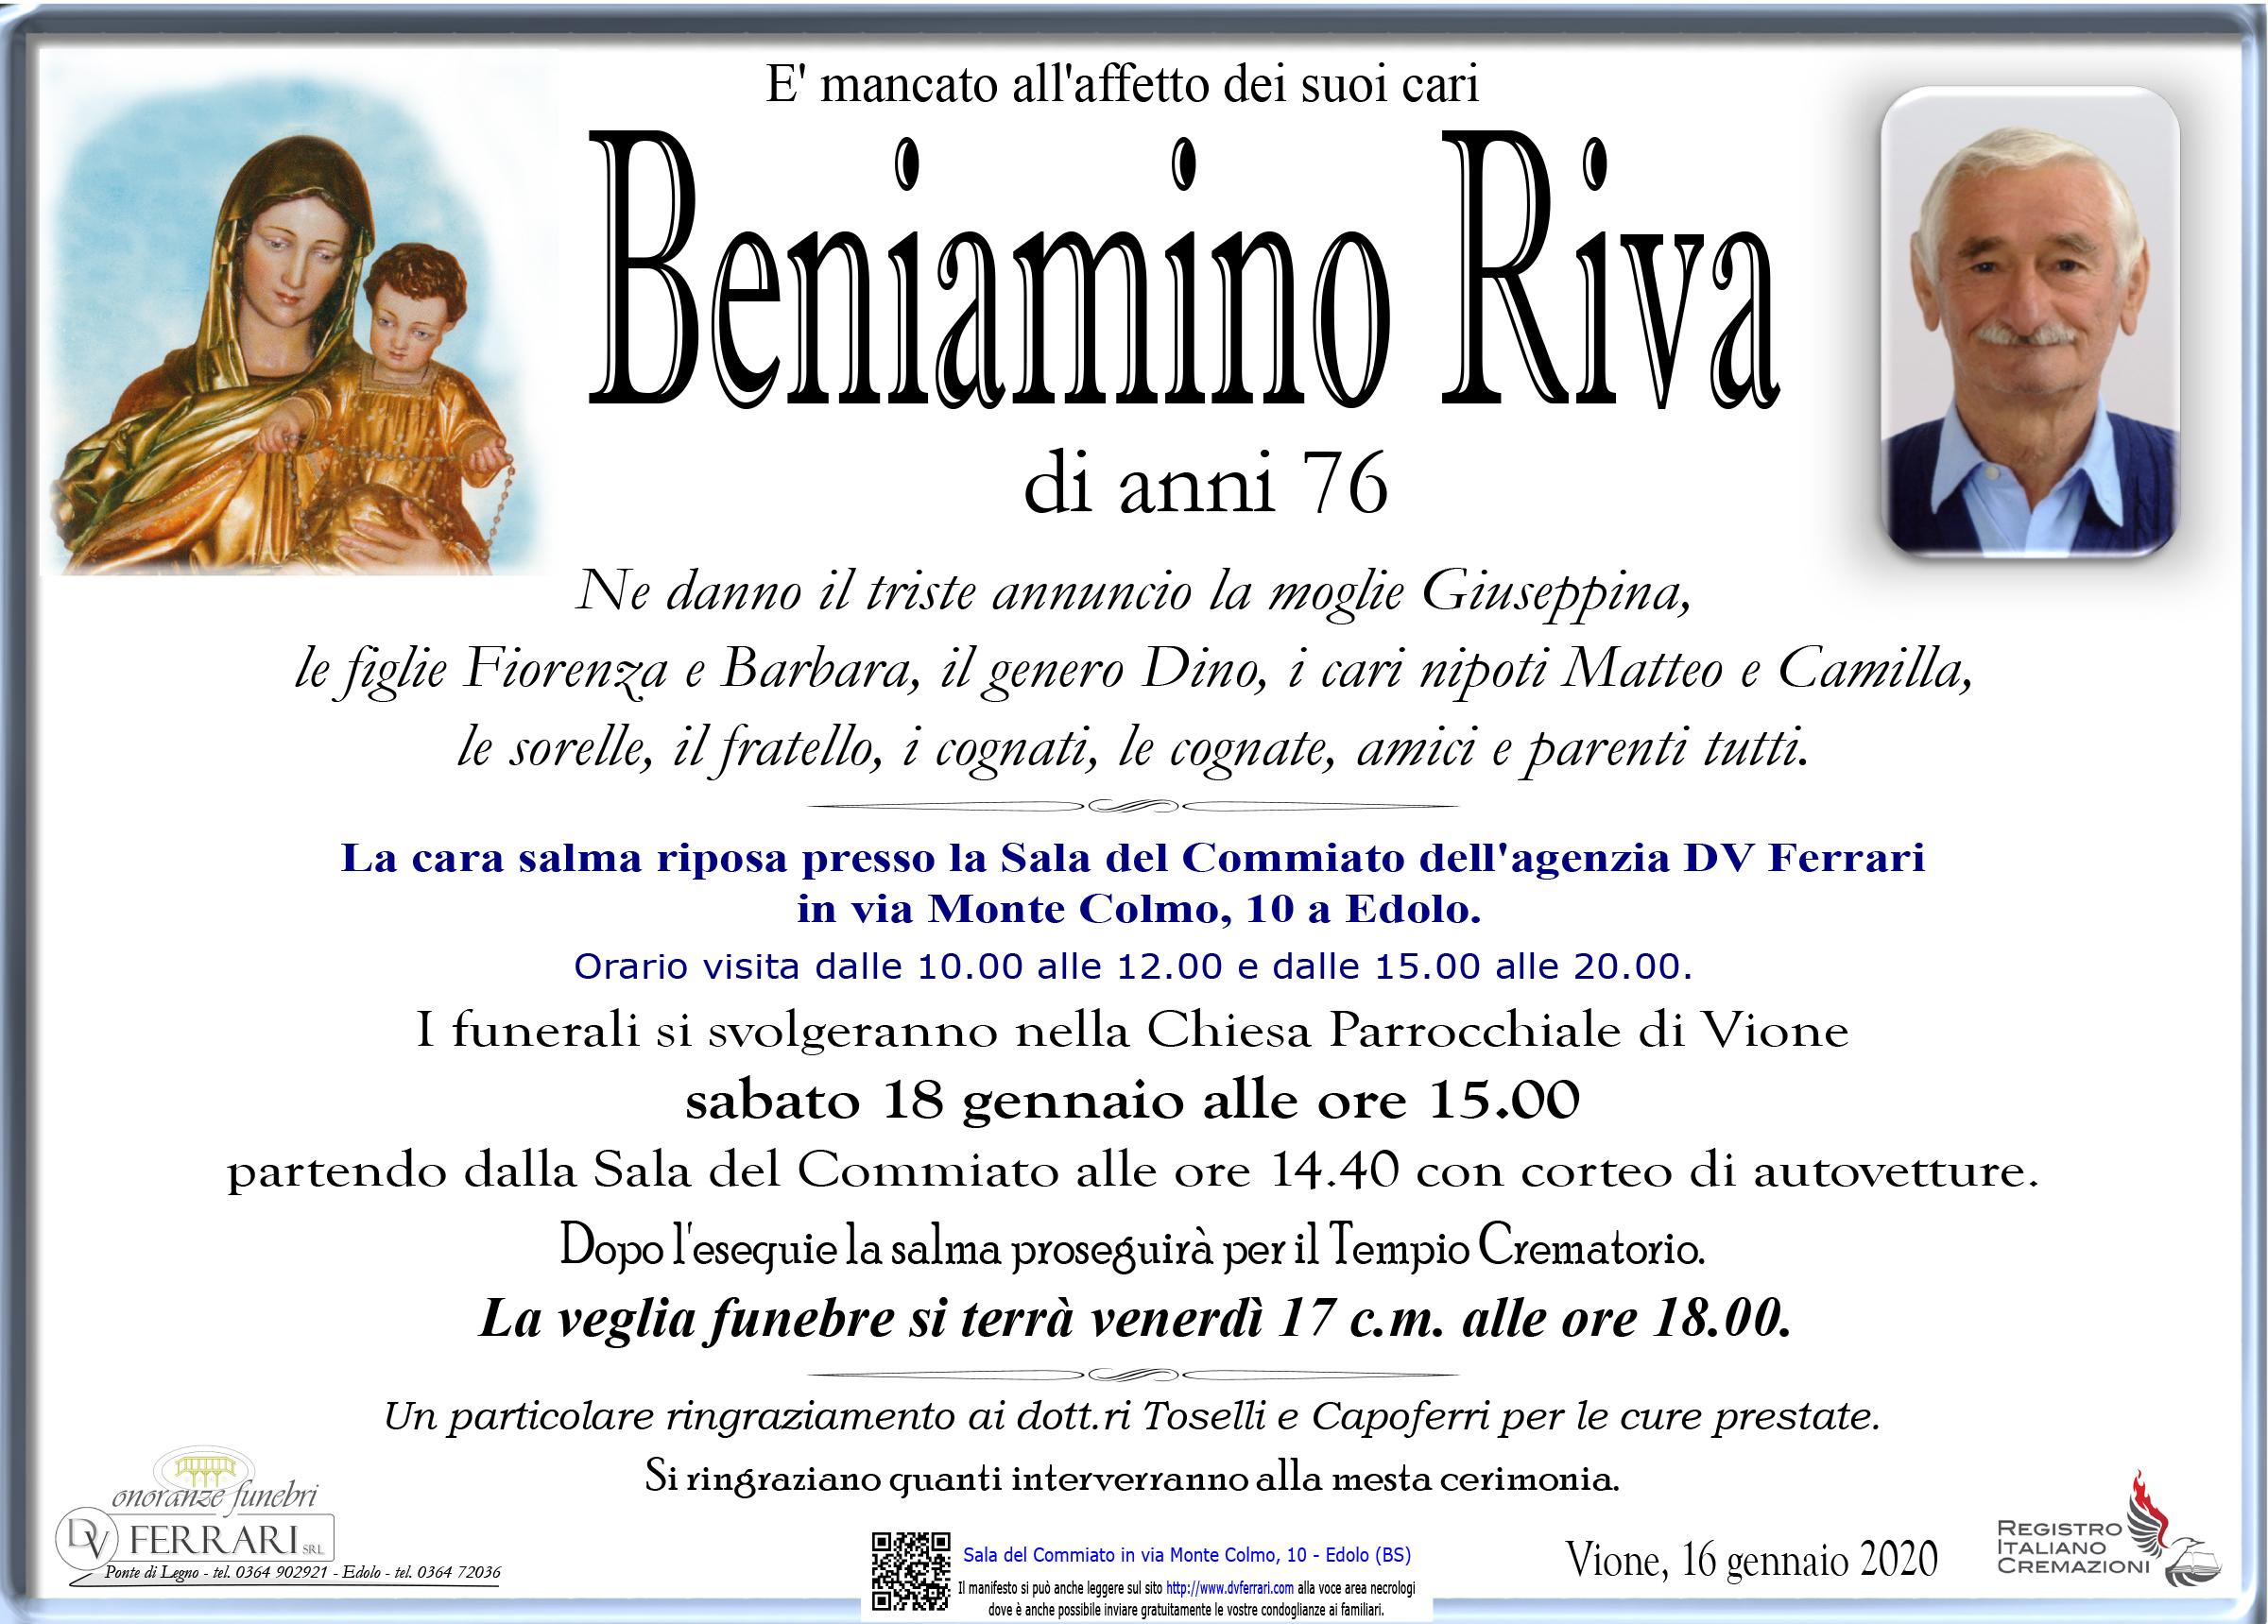 BENIAMINO RIVA - VIONE